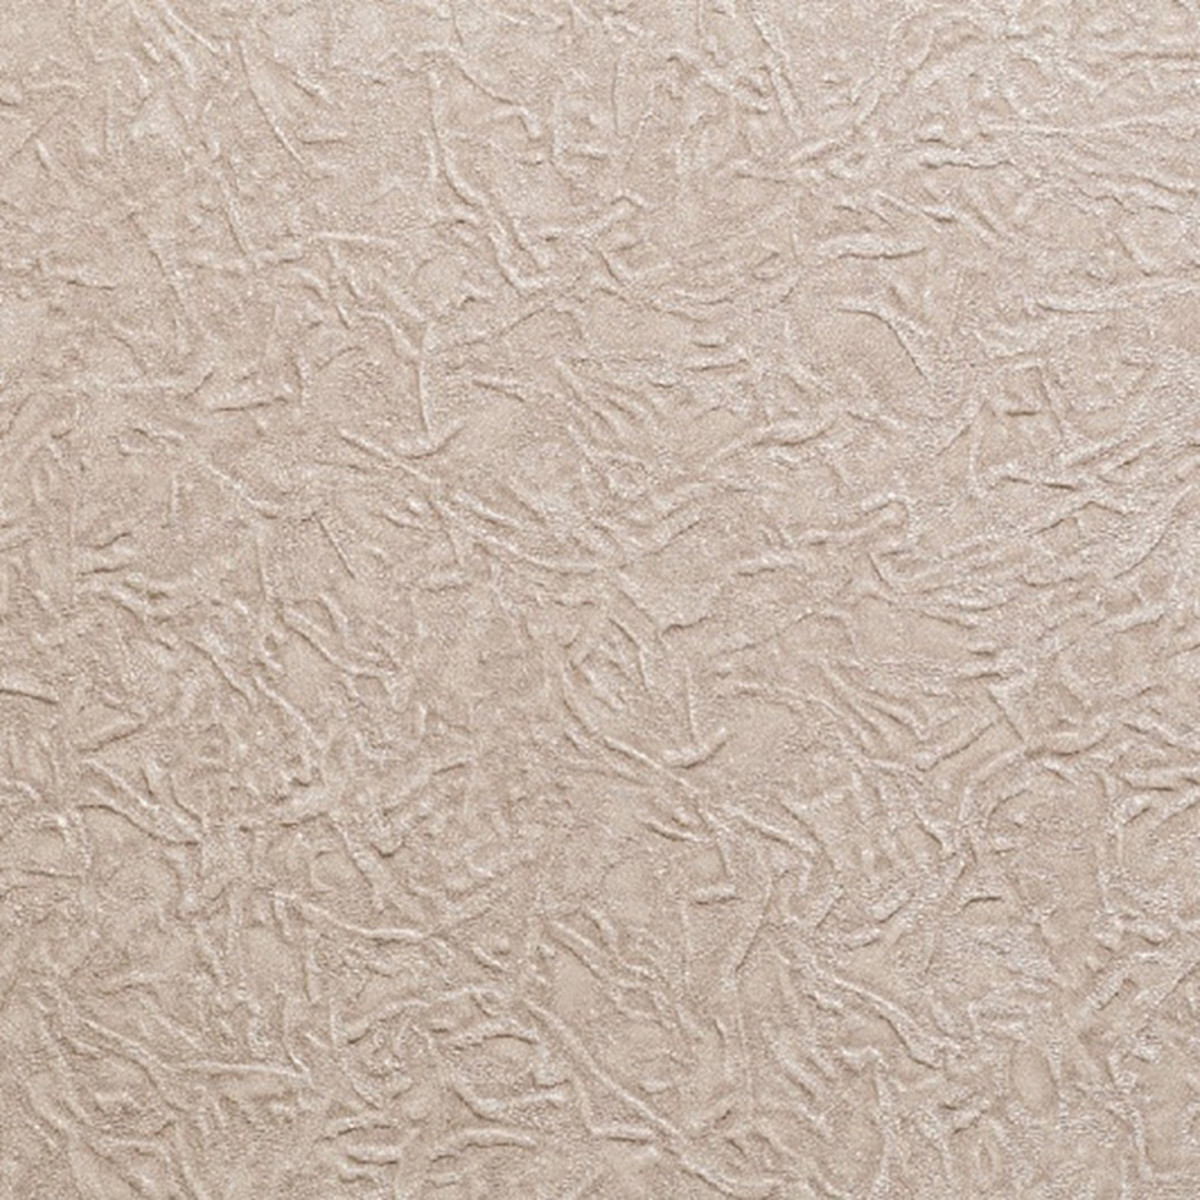 Обои флизелиновые Prestigecolor бежевые 1.06 м 71129-28